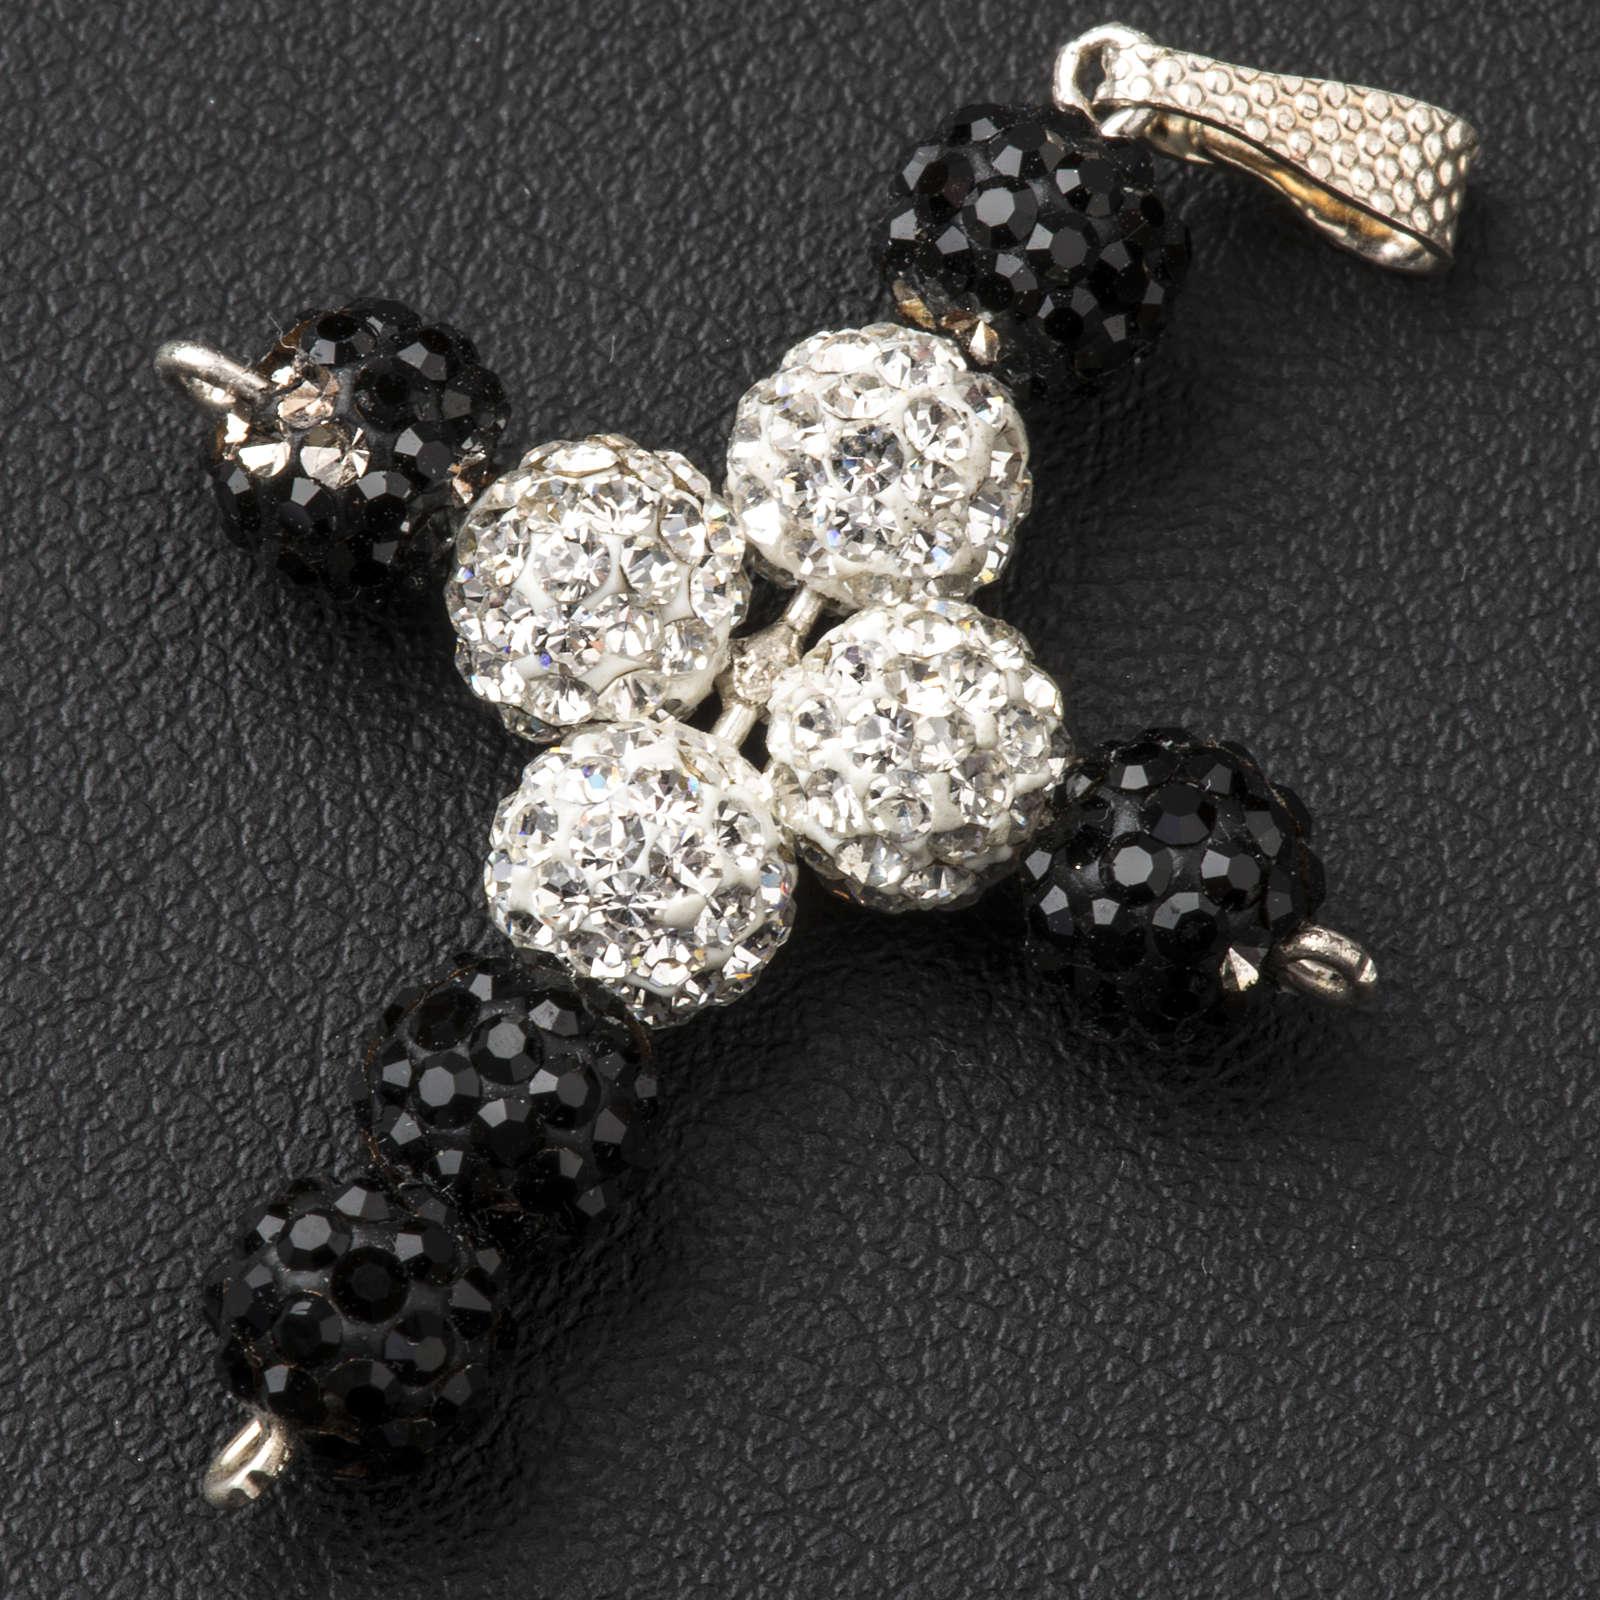 Cross with Swarovski pearls, 3 x 3,5 cm 4